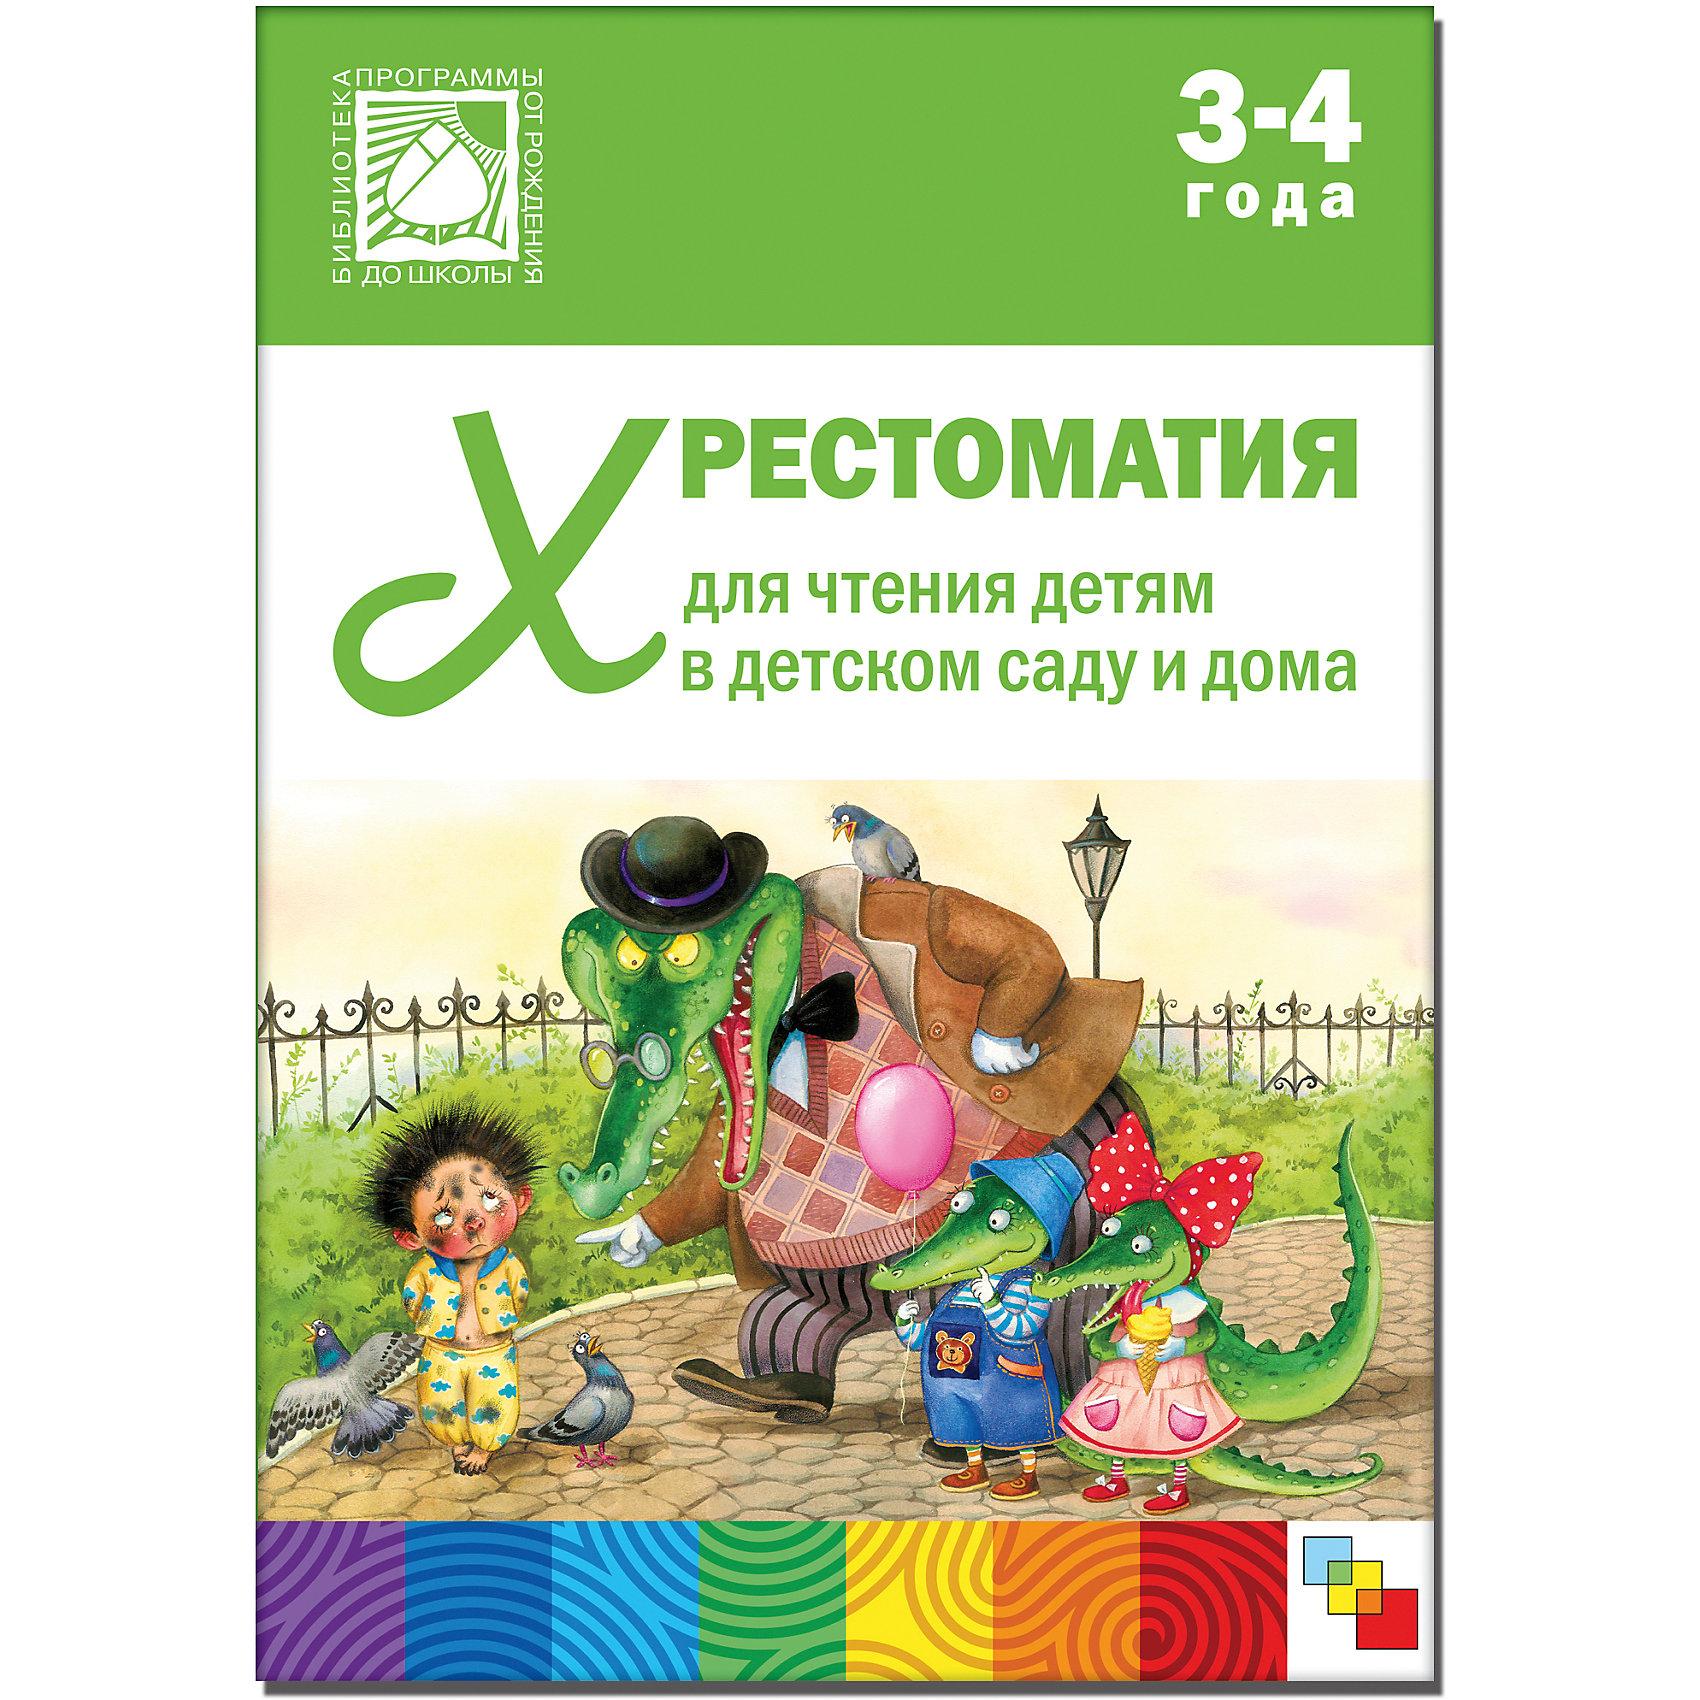 Хрестоматия для чтения детям в детском саду и дома, 3-4  года, Мозаика-СинтезМозаика-Синтез<br>Хрестоматия для чтения детям в детском саду и дома, 3-4 года, Мозаика-Синтез.<br><br>Характеристики:<br><br>• Издательство: МОЗАИКА-СИНТЕЗ<br>• ISBN: 9785431505034<br>• Тип: книга, обложка твердая.<br>• Возраст: от 3-4 лет.<br>• Размер книги: 241х169х21 мм.<br>• Количество страниц: 272<br><br>Хрестоматия предназначена для чтения детям 3-4 лет в детском саду и дома. В книгу включены лучшие отечественные и зарубежные произведения: народные песенки и потешки, стихотворения, сказки и рассказы. Хрестоматия составлена с учетом требований программ дошкольного образования и ФГОС. Книга адресована методистам и воспитателям детских садов, родителям.<br><br>Хрестоматию для чтения детям в детском саду и дома, 3-4 года, Мозаика-Синтез, можно купить в нашем интернет – магазине.<br><br>Ширина мм: 21<br>Глубина мм: 169<br>Высота мм: 241<br>Вес г: 551<br>Возраст от месяцев: 36<br>Возраст до месяцев: 48<br>Пол: Унисекс<br>Возраст: Детский<br>SKU: 5428905